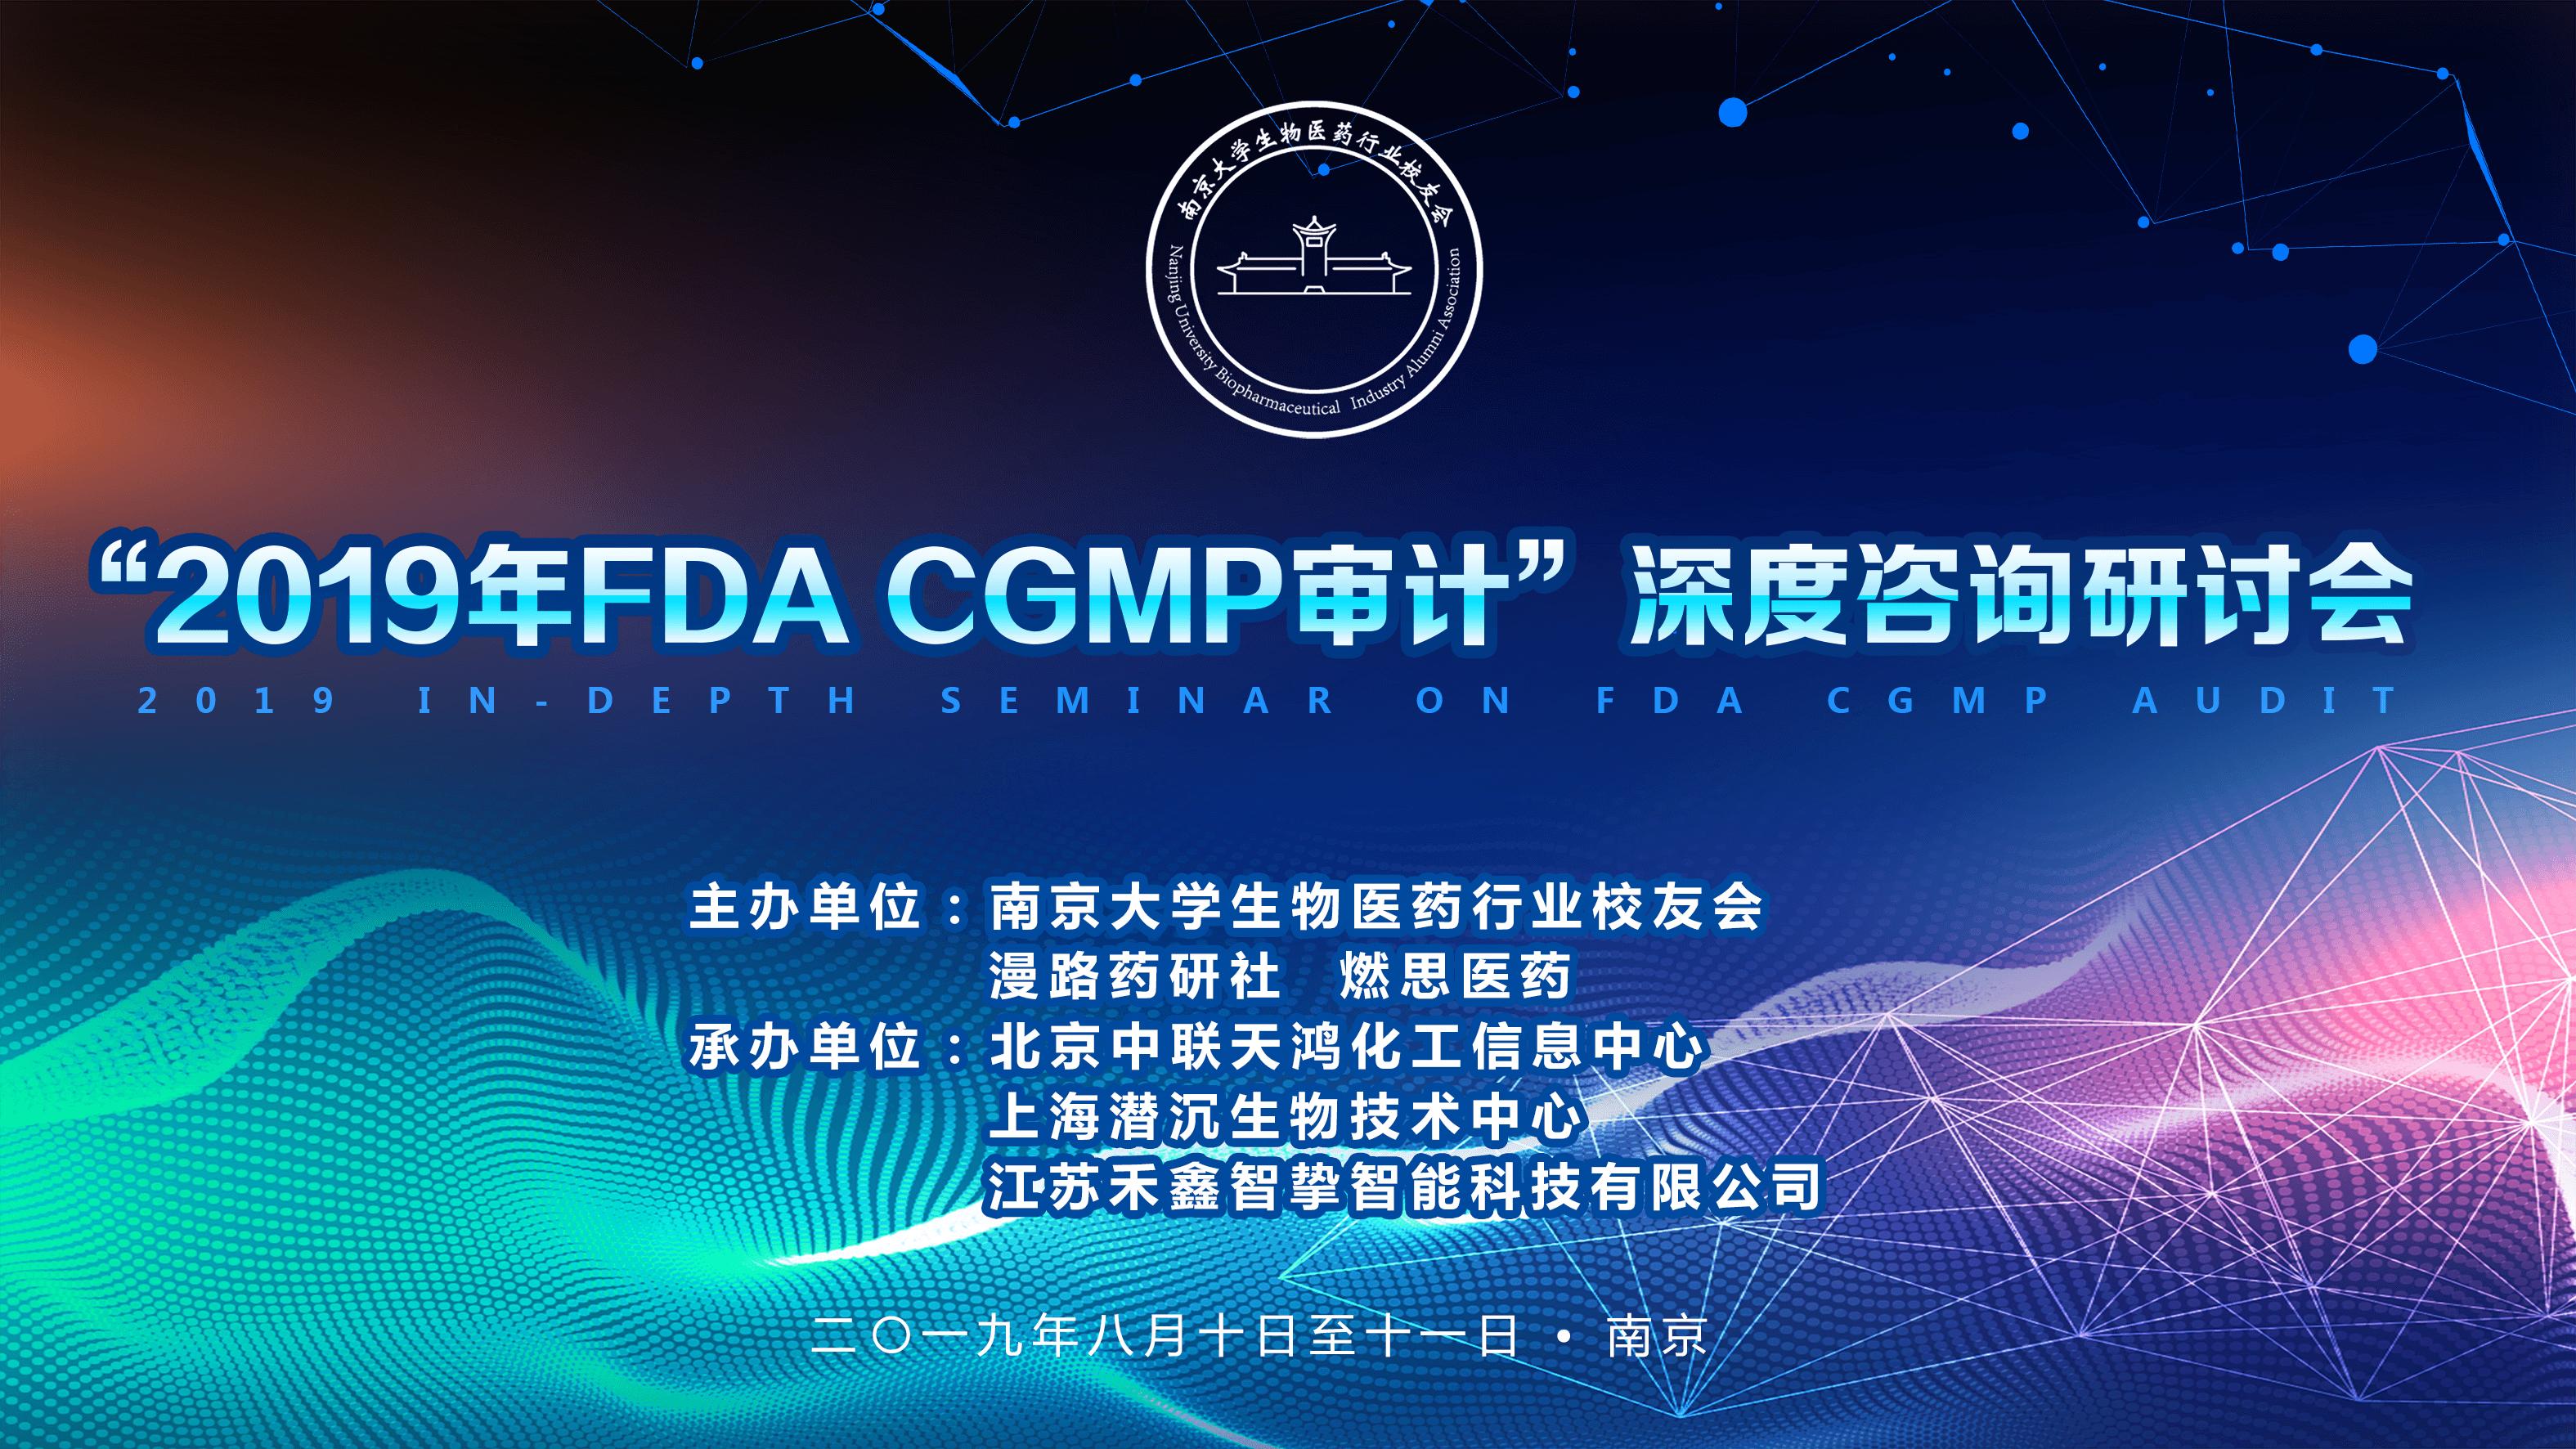 2019年FDA CGMP审计深度咨询研讨会(南京)